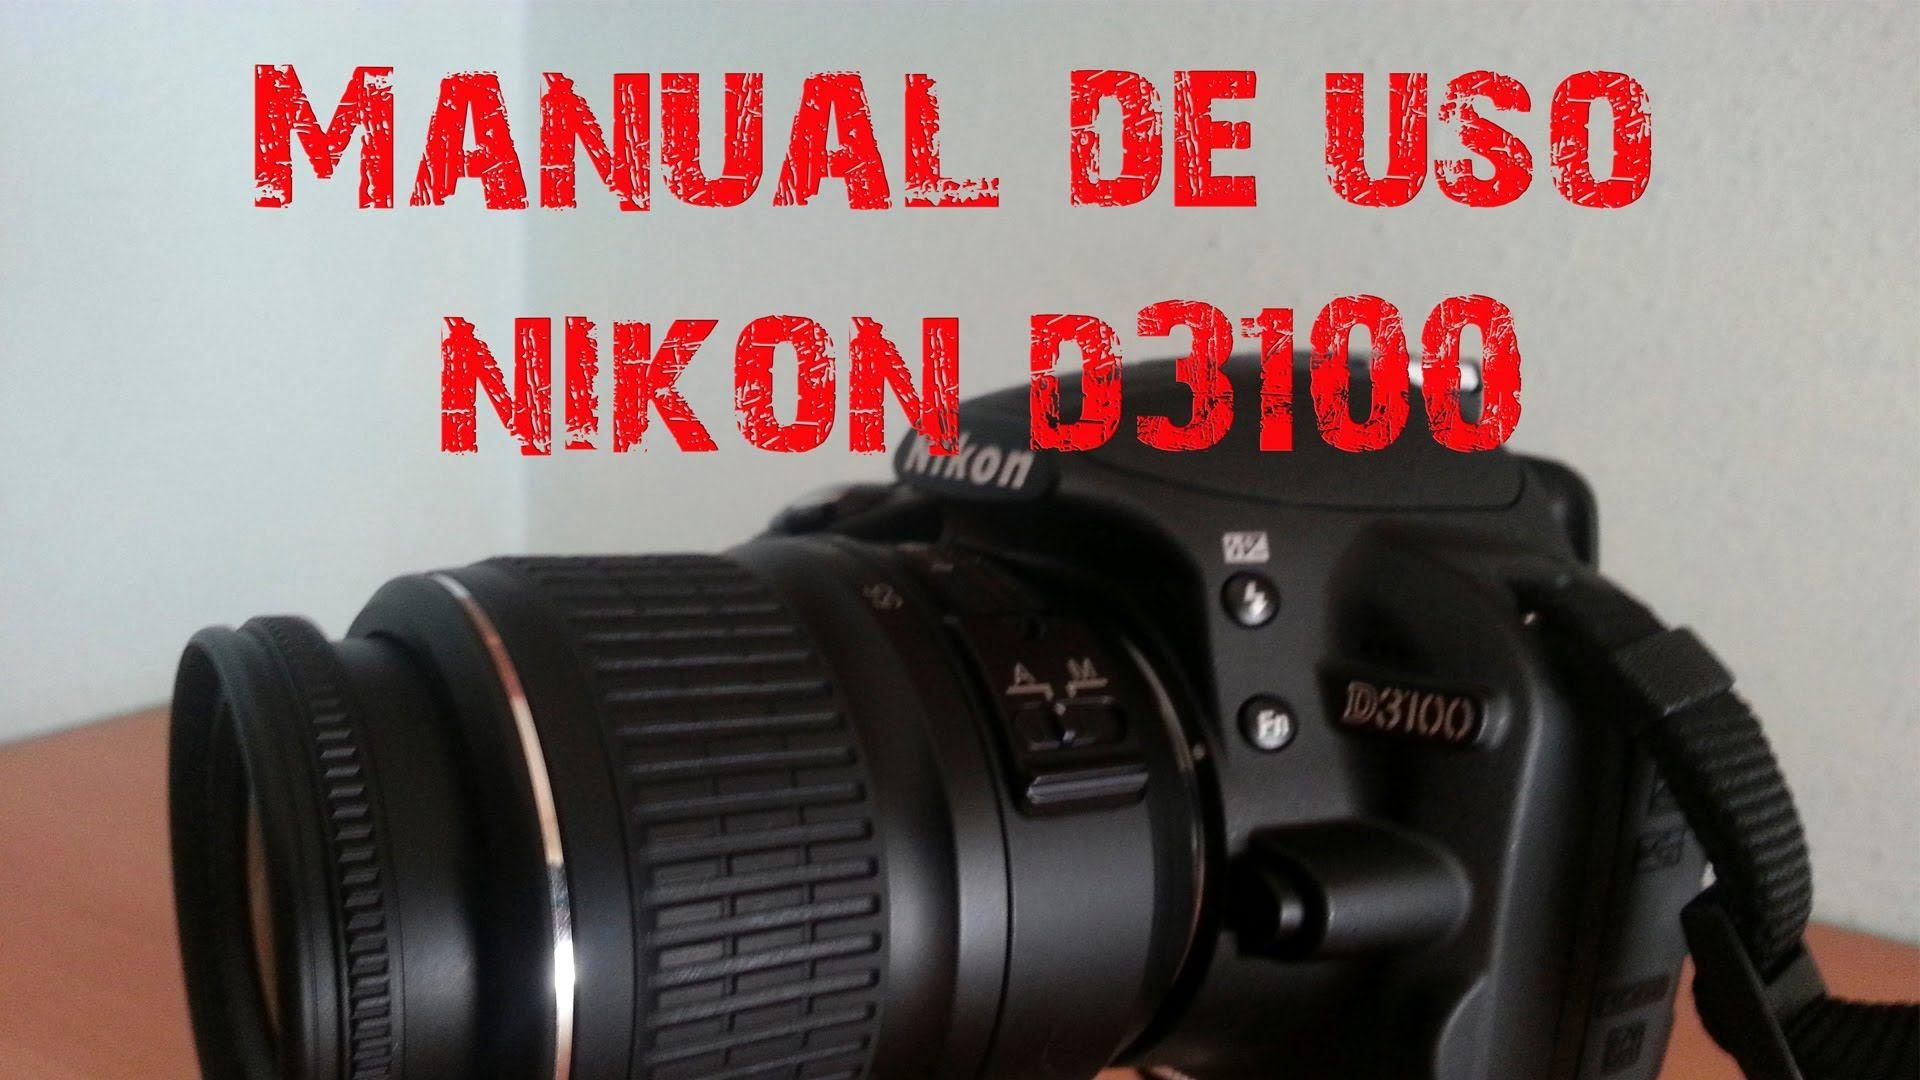 manual de uso nikon d3100 fotografia pinterest nikon d3100 rh pinterest com manual da nikon d7100 manual nikon d3100